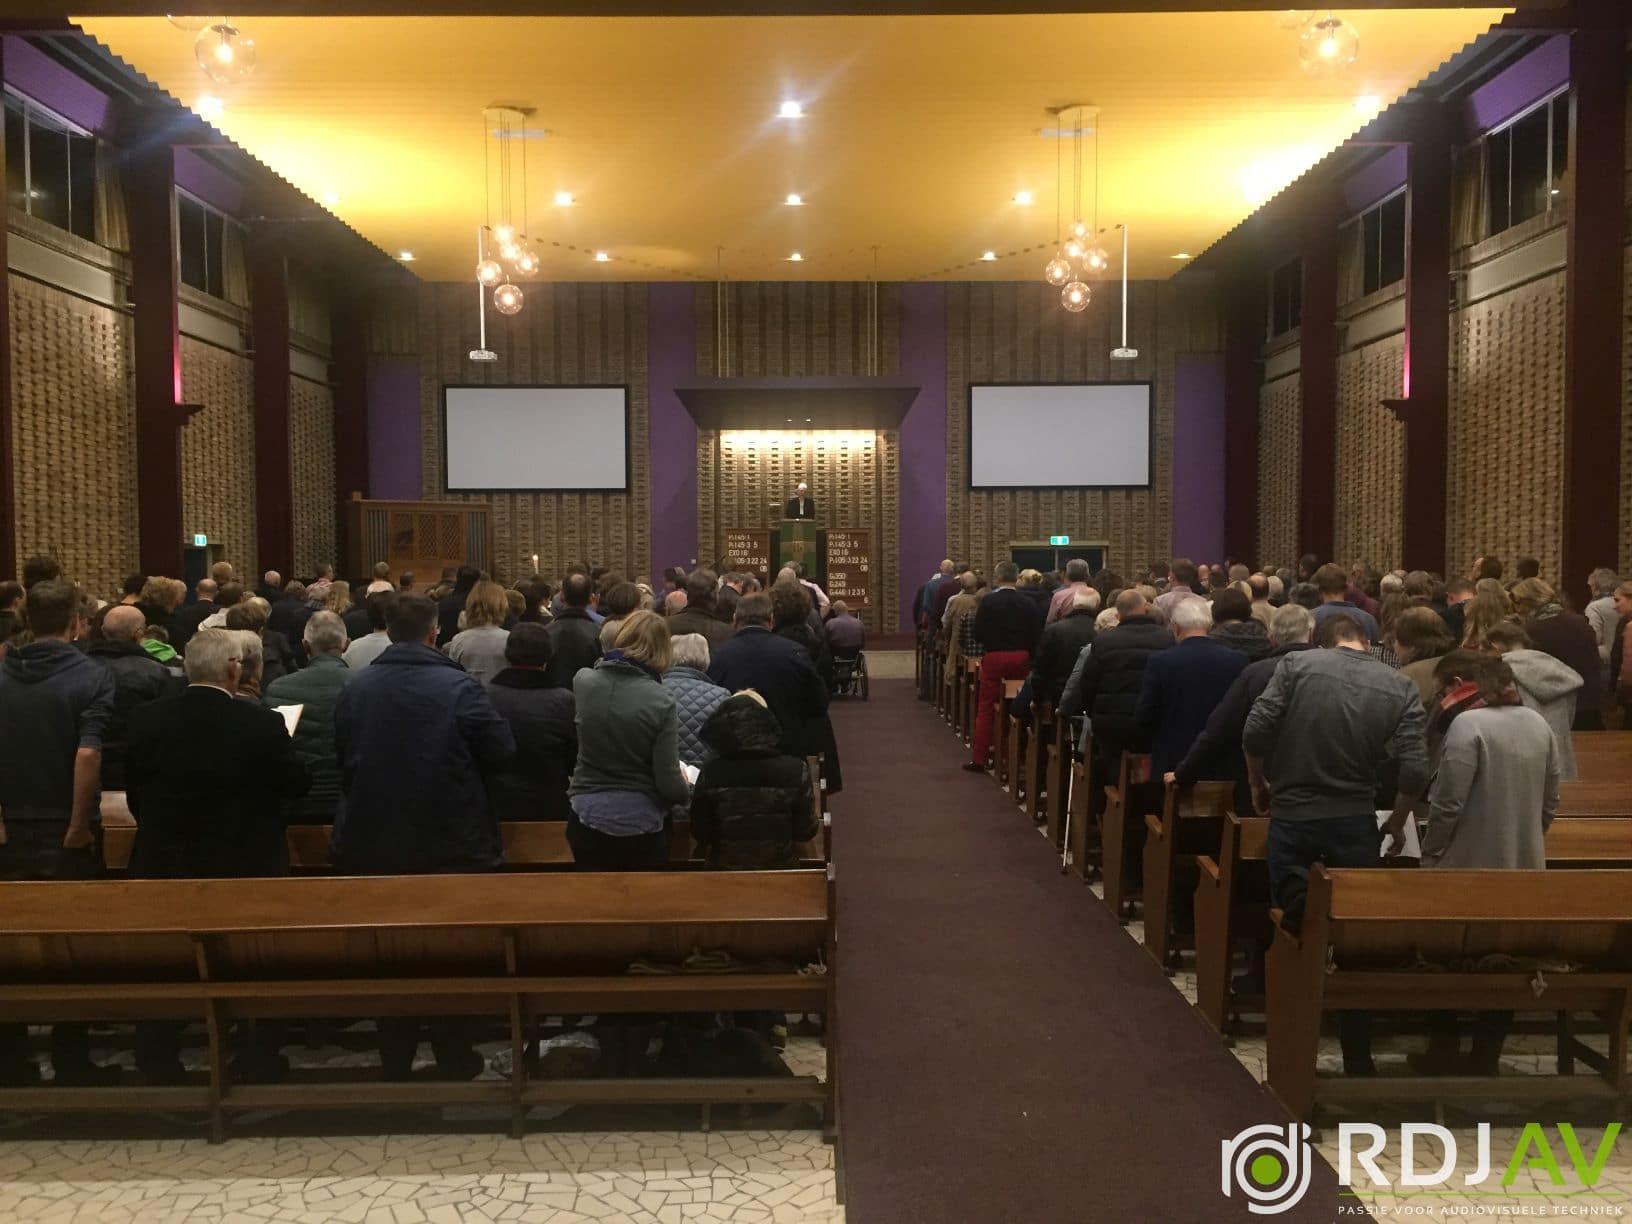 Bethelkerk beamers